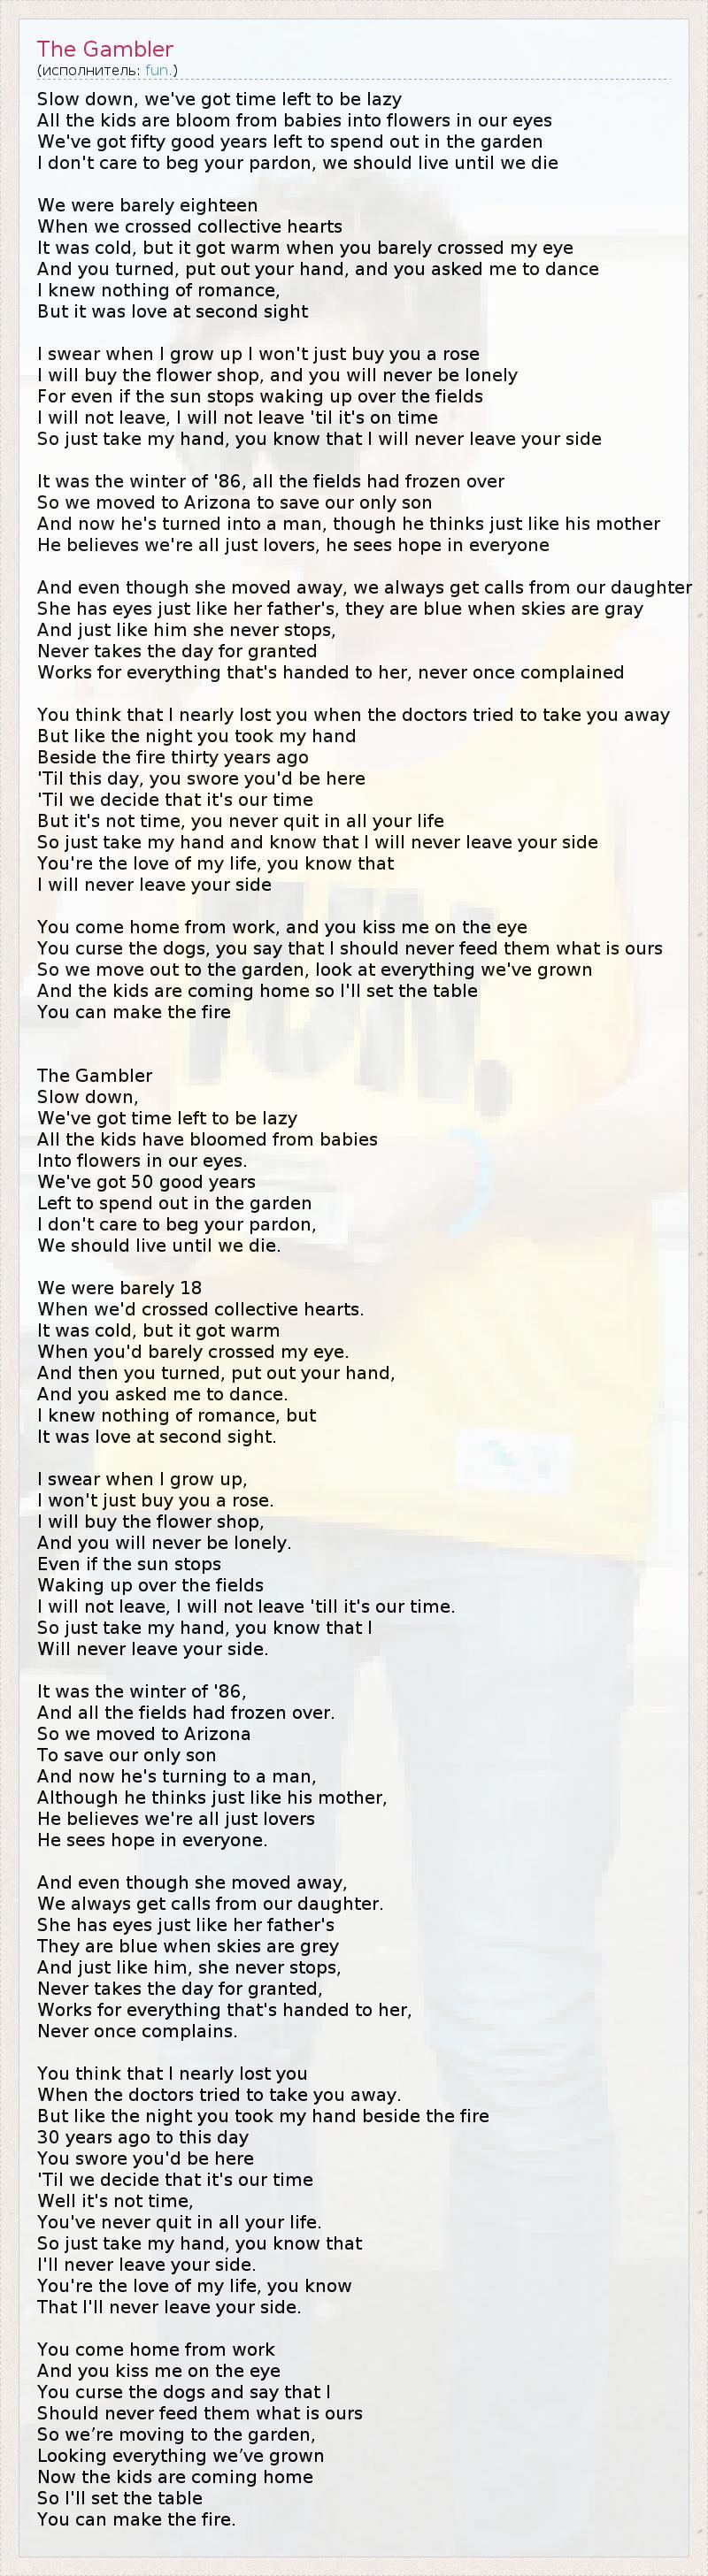 Текст песни The Gambler, слова песни